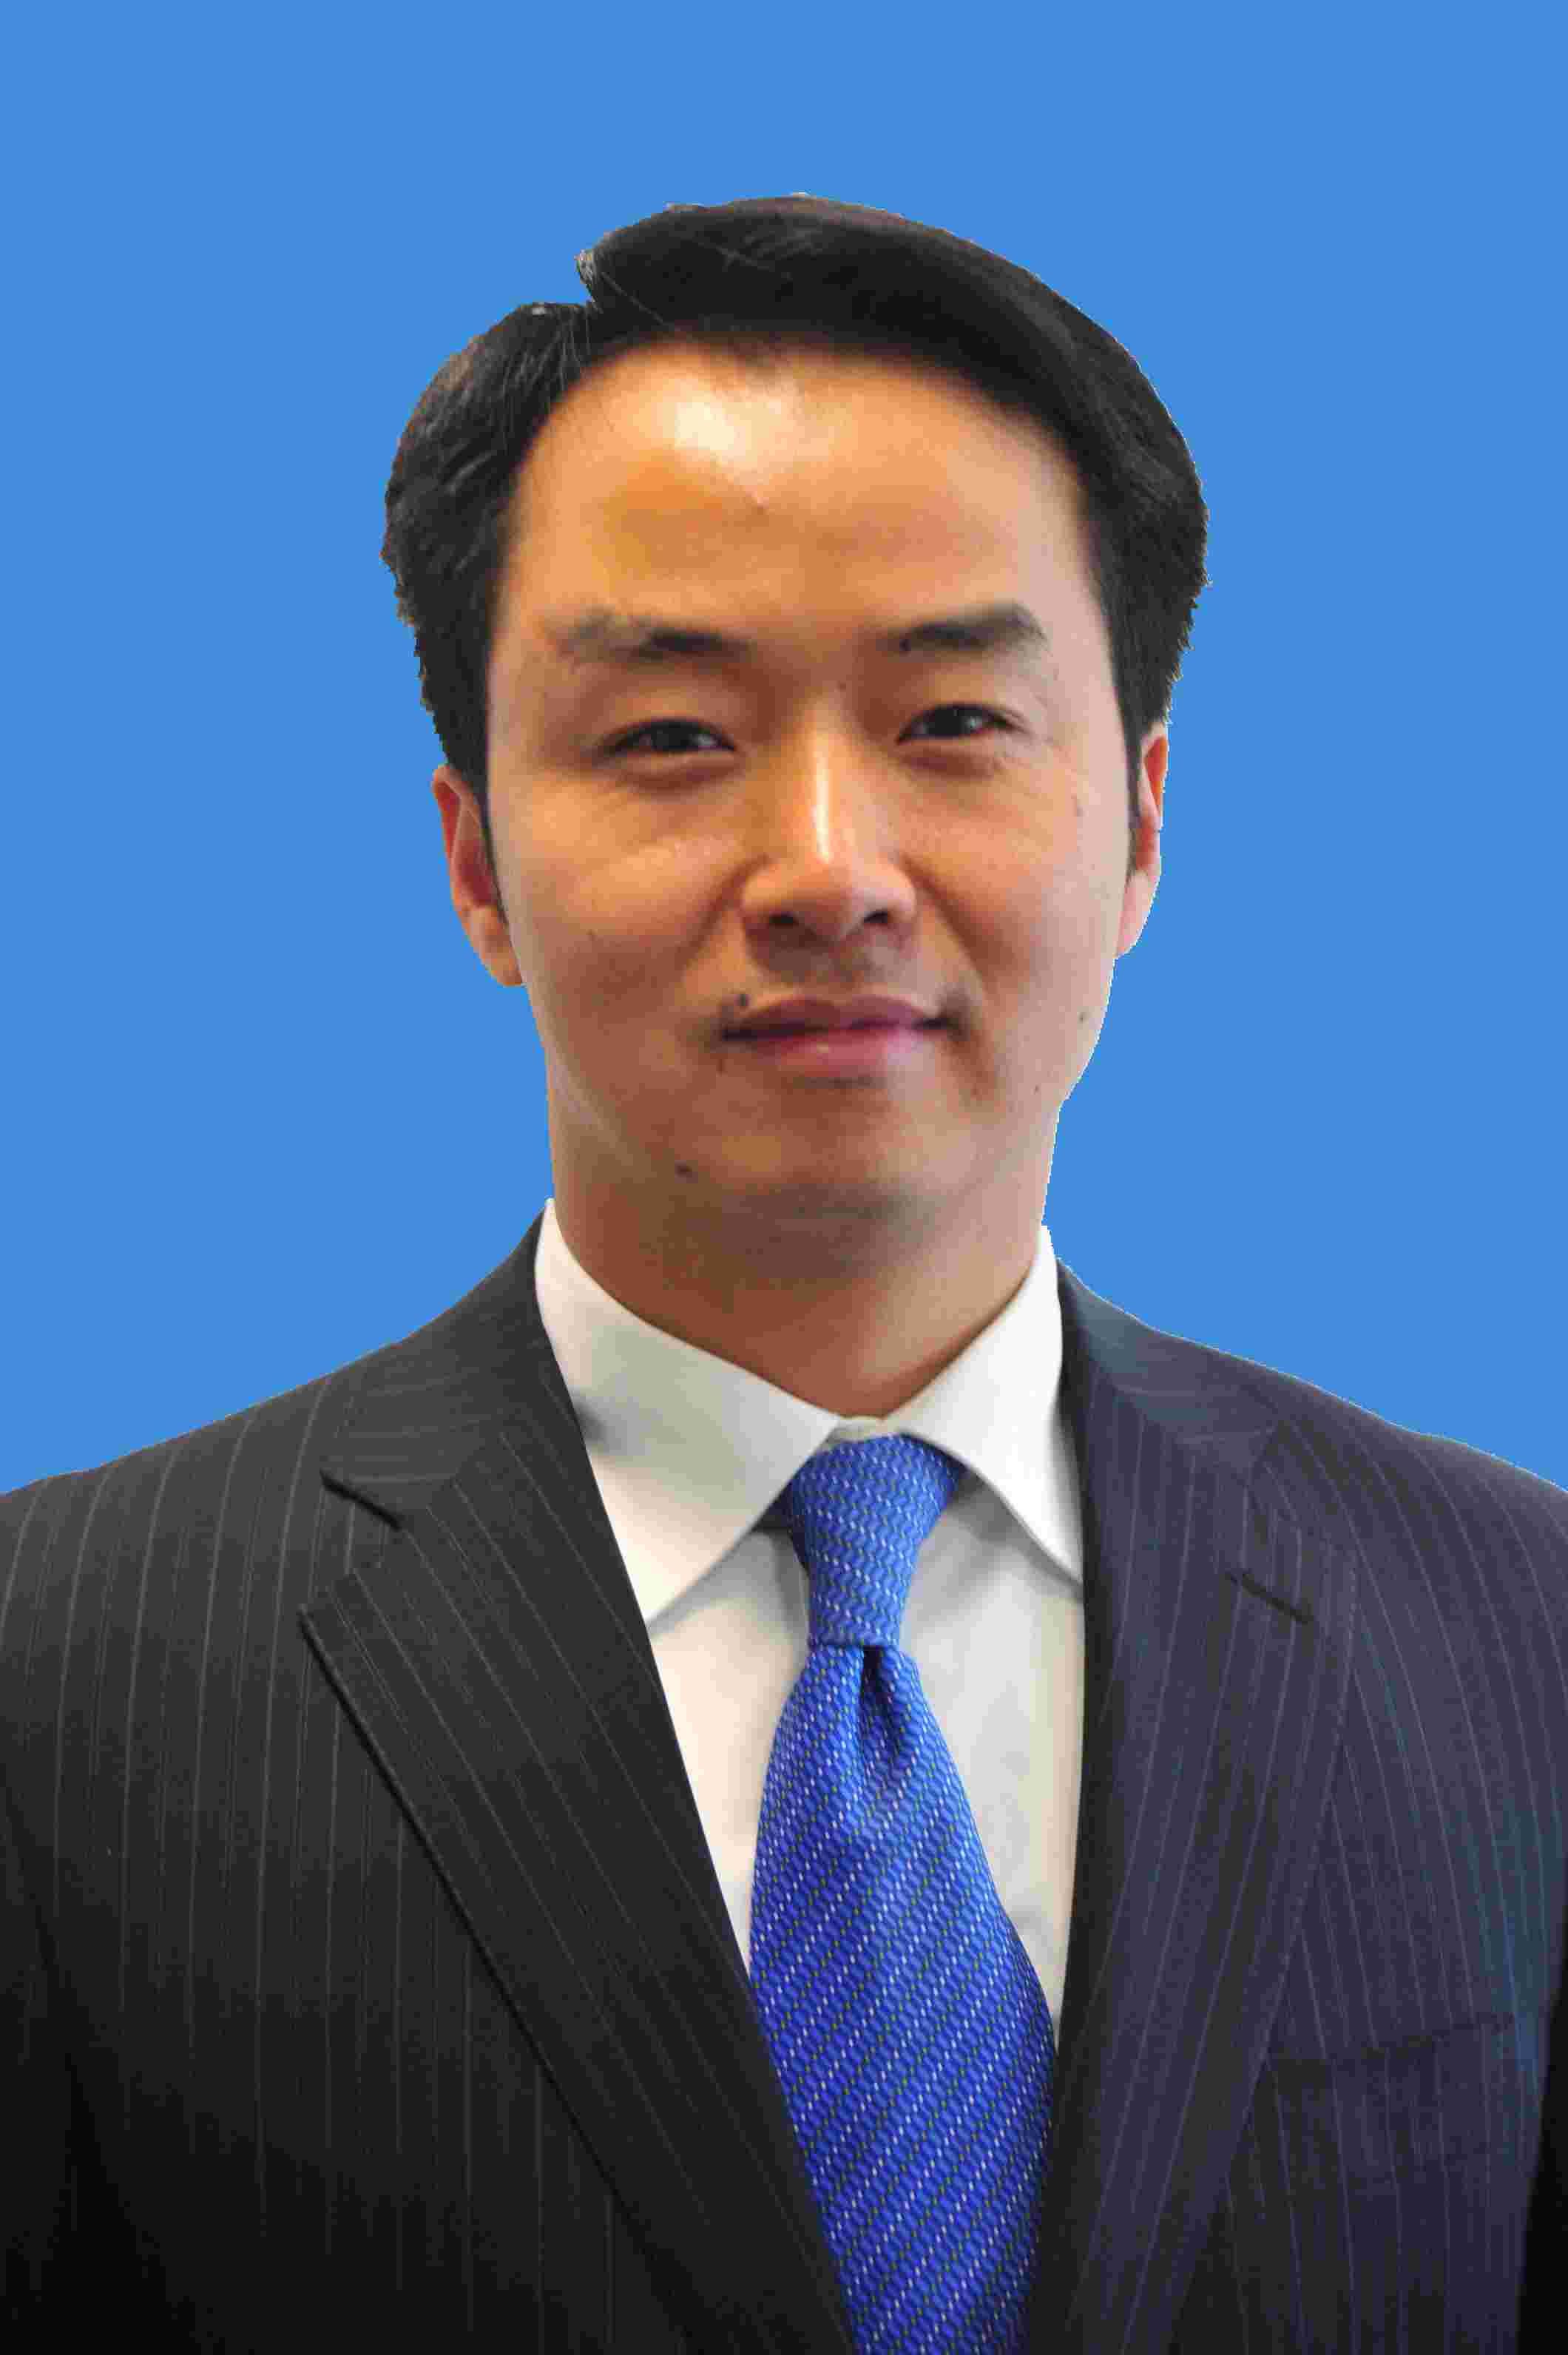 鲍晨律师信息_鲍晨律师个人案例 - 律师百科网